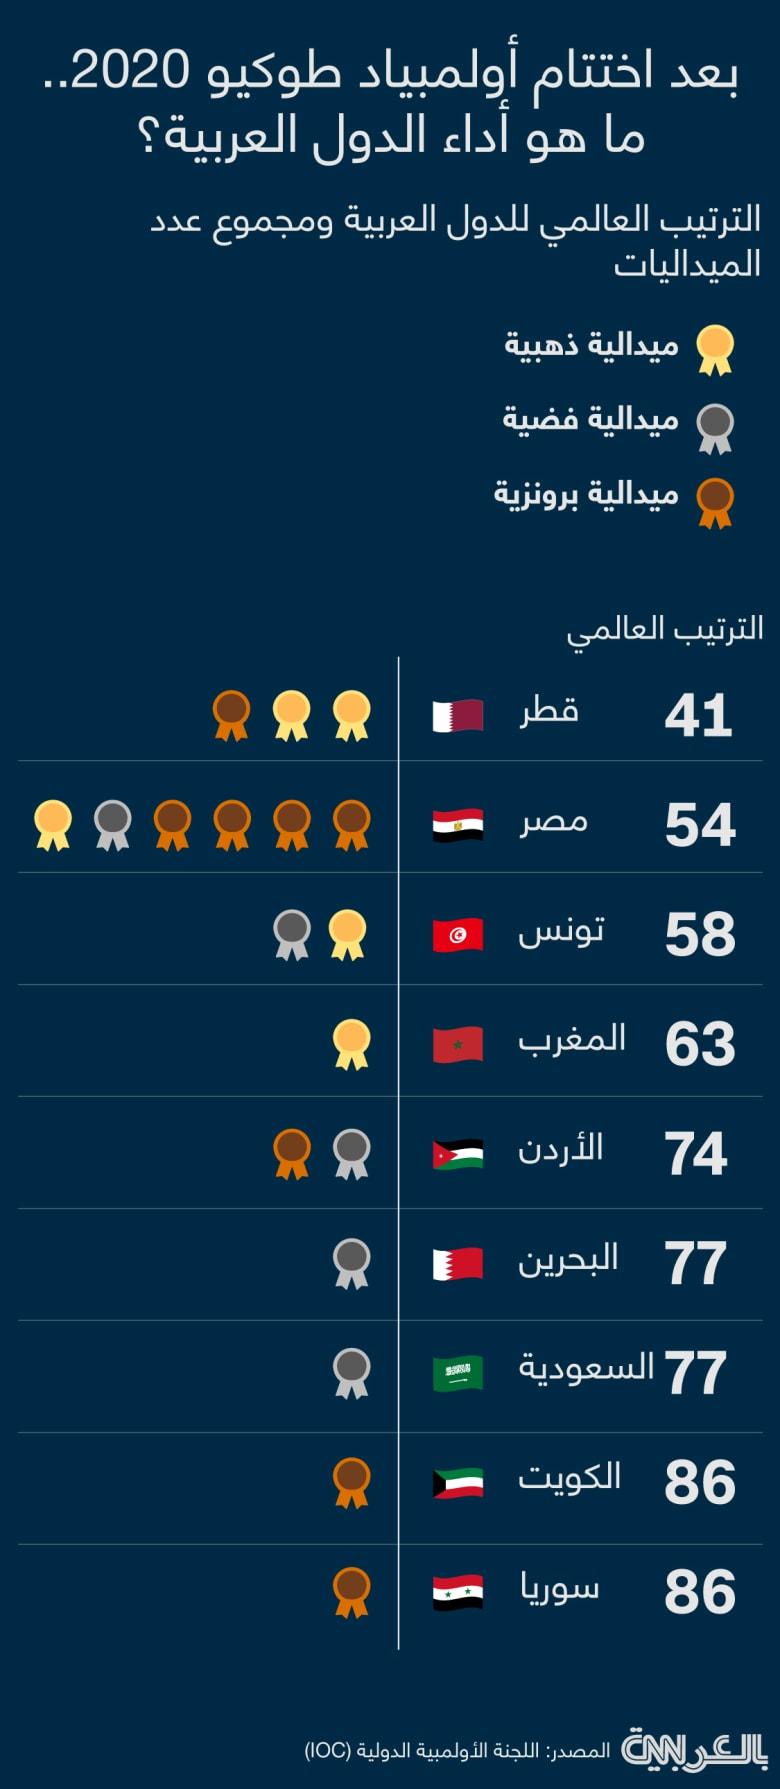 Olympics-arab-winners-final-2020